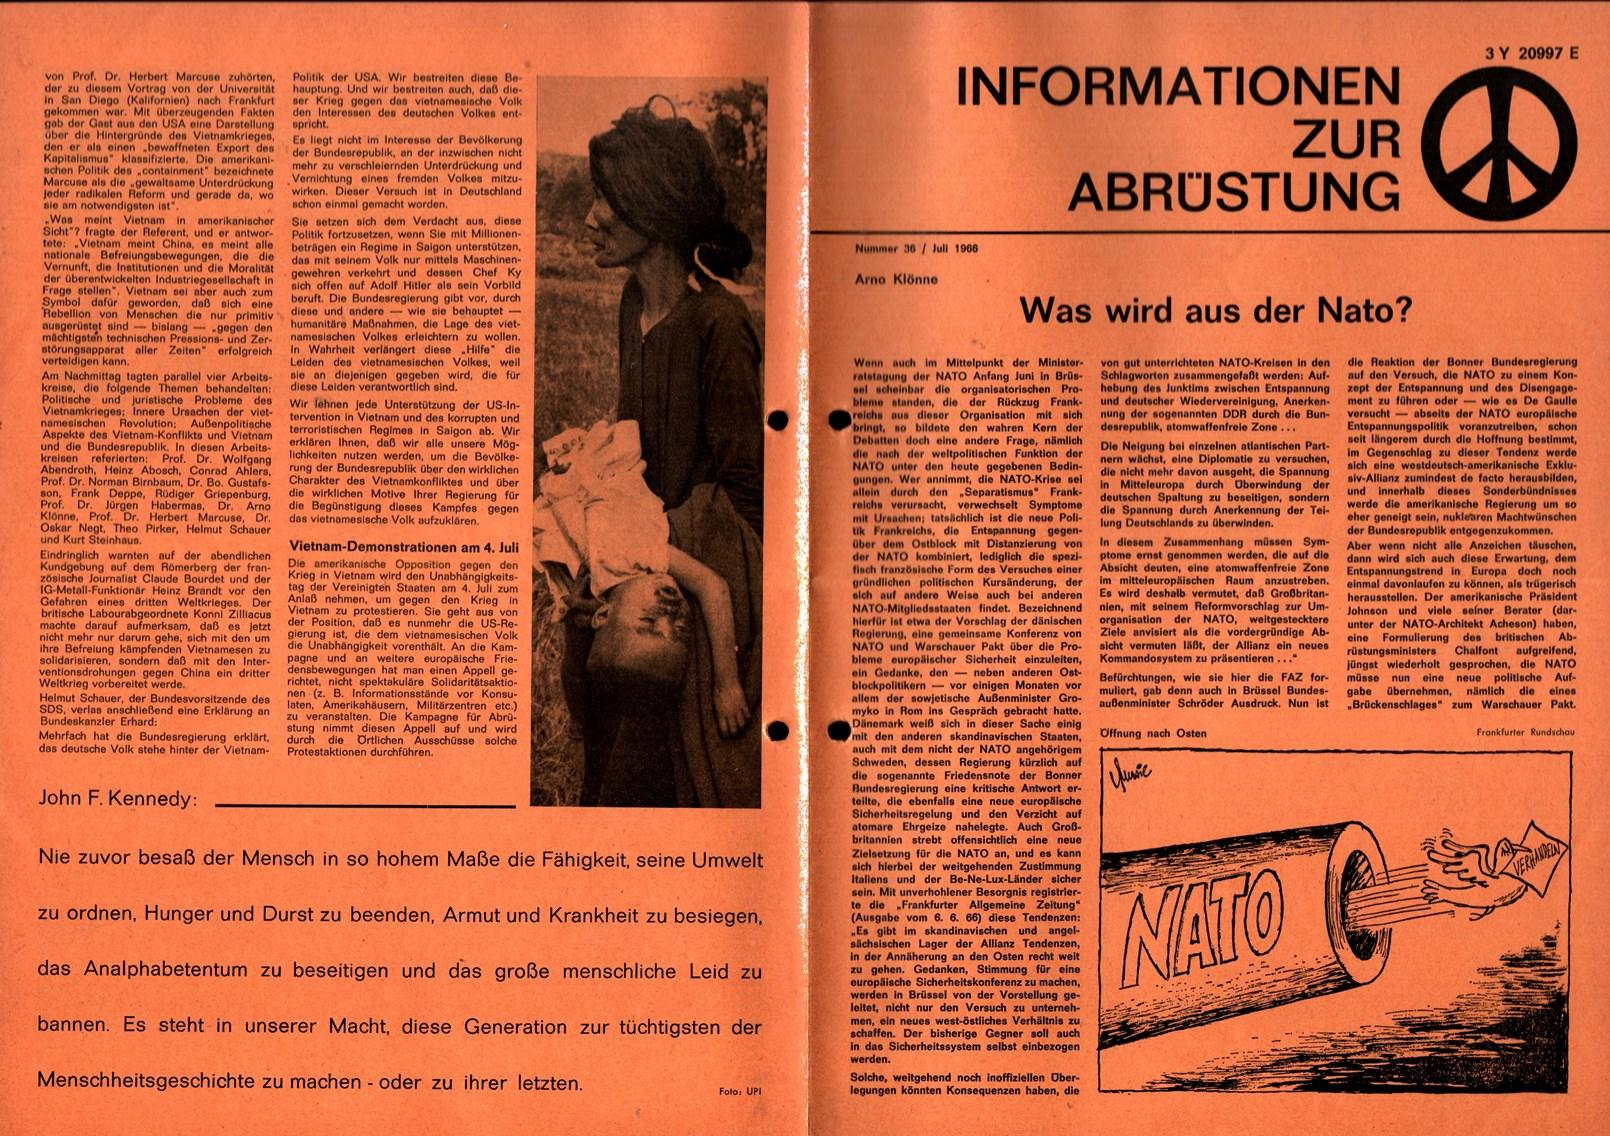 Infos_zur_Abruestung_1966_036_001